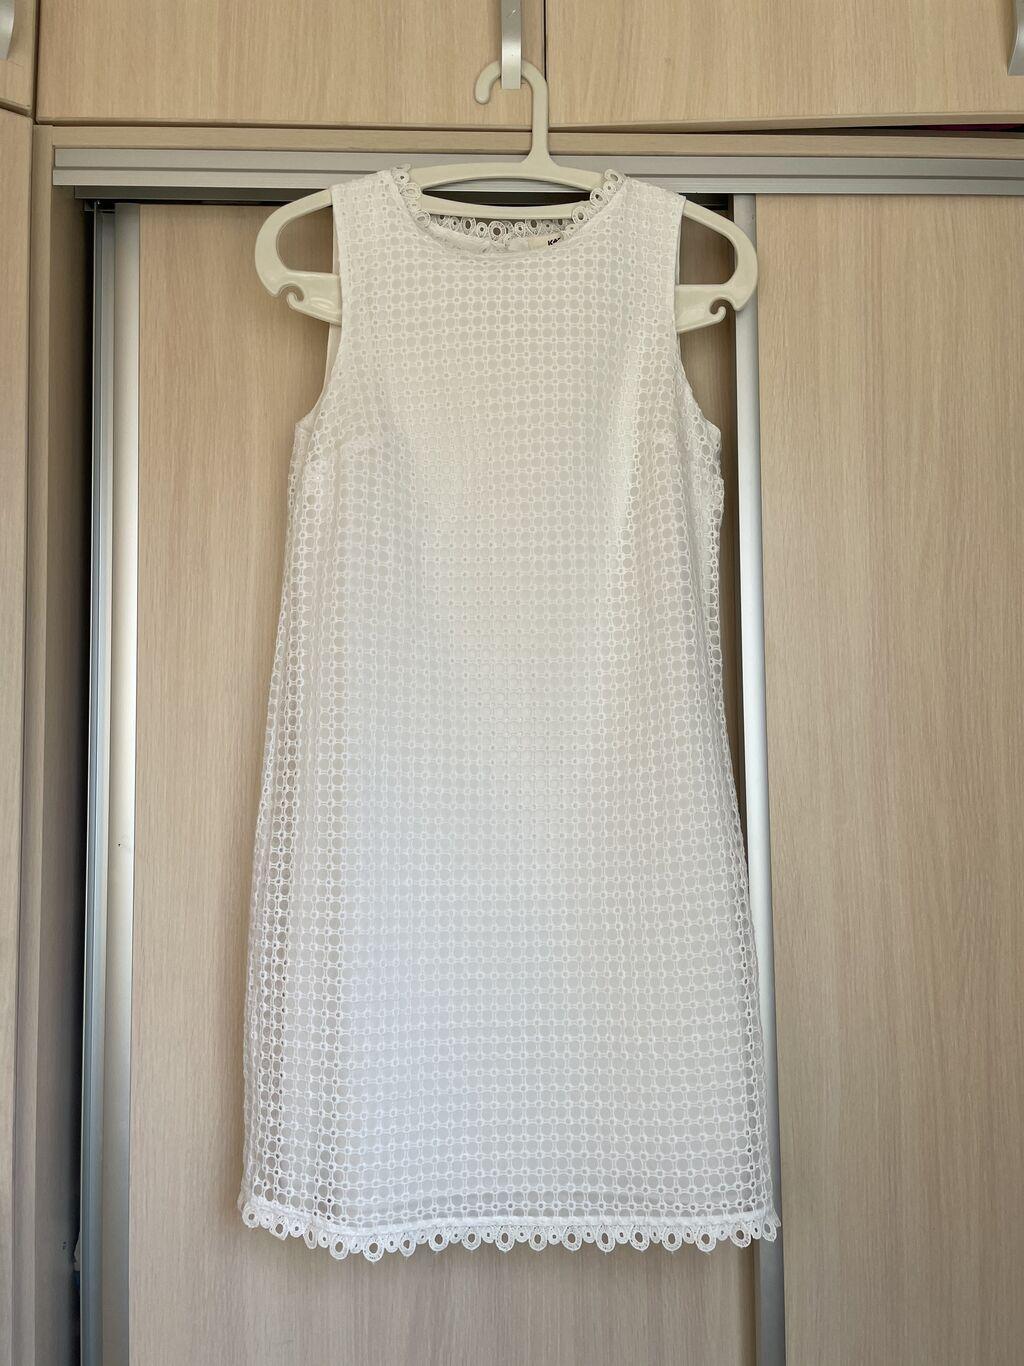 Продаю коктейльное платье  Размер S  Состояние отличное  Причина прода: Продаю коктейльное платье  Размер S  Состояние отличное  Причина прода